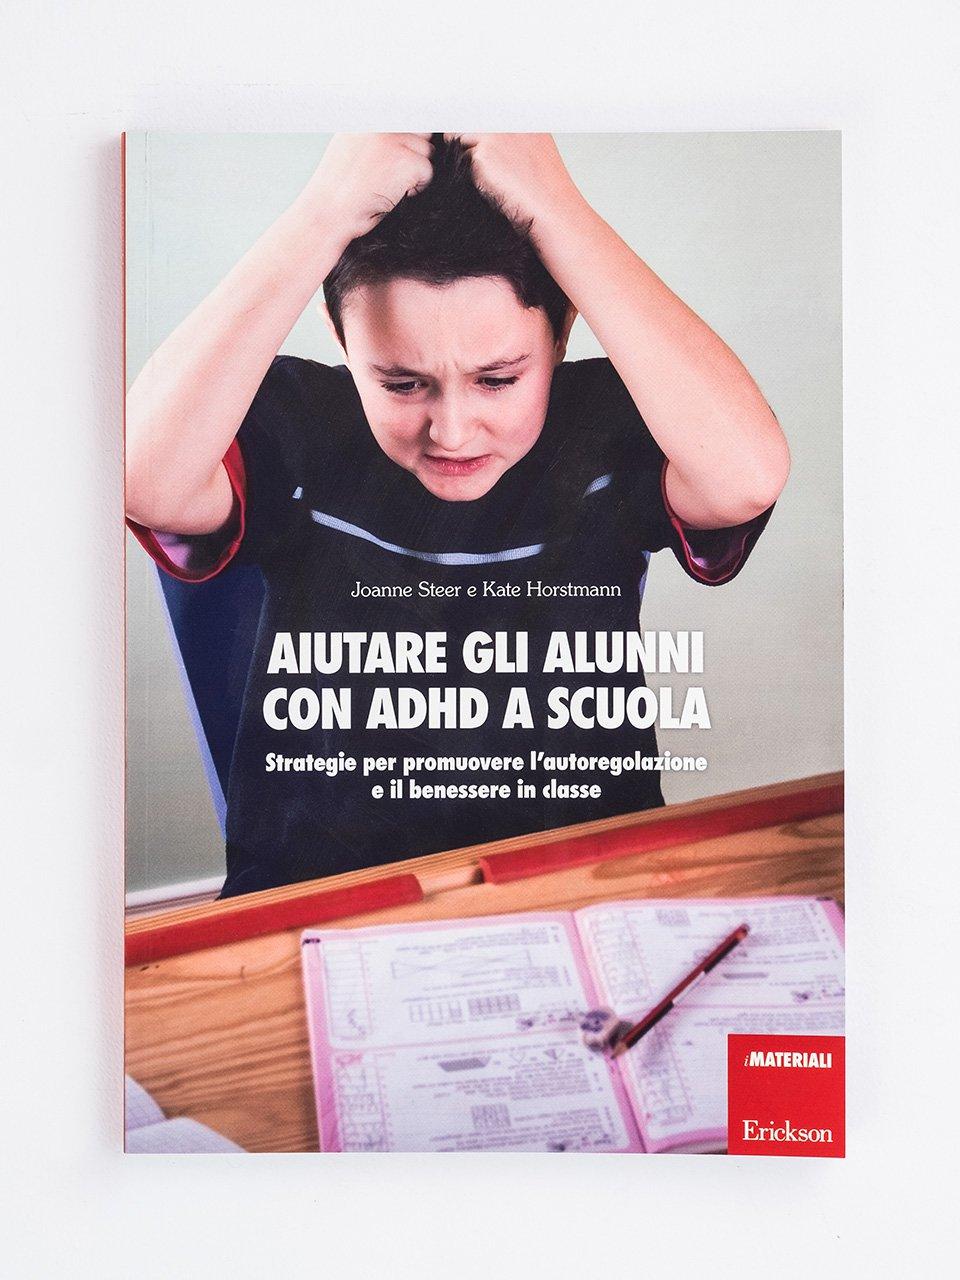 Aiutare gli alunni con ADHD a scuola - Disturbi dell'attenzione e iperattività - Libri - Erickson